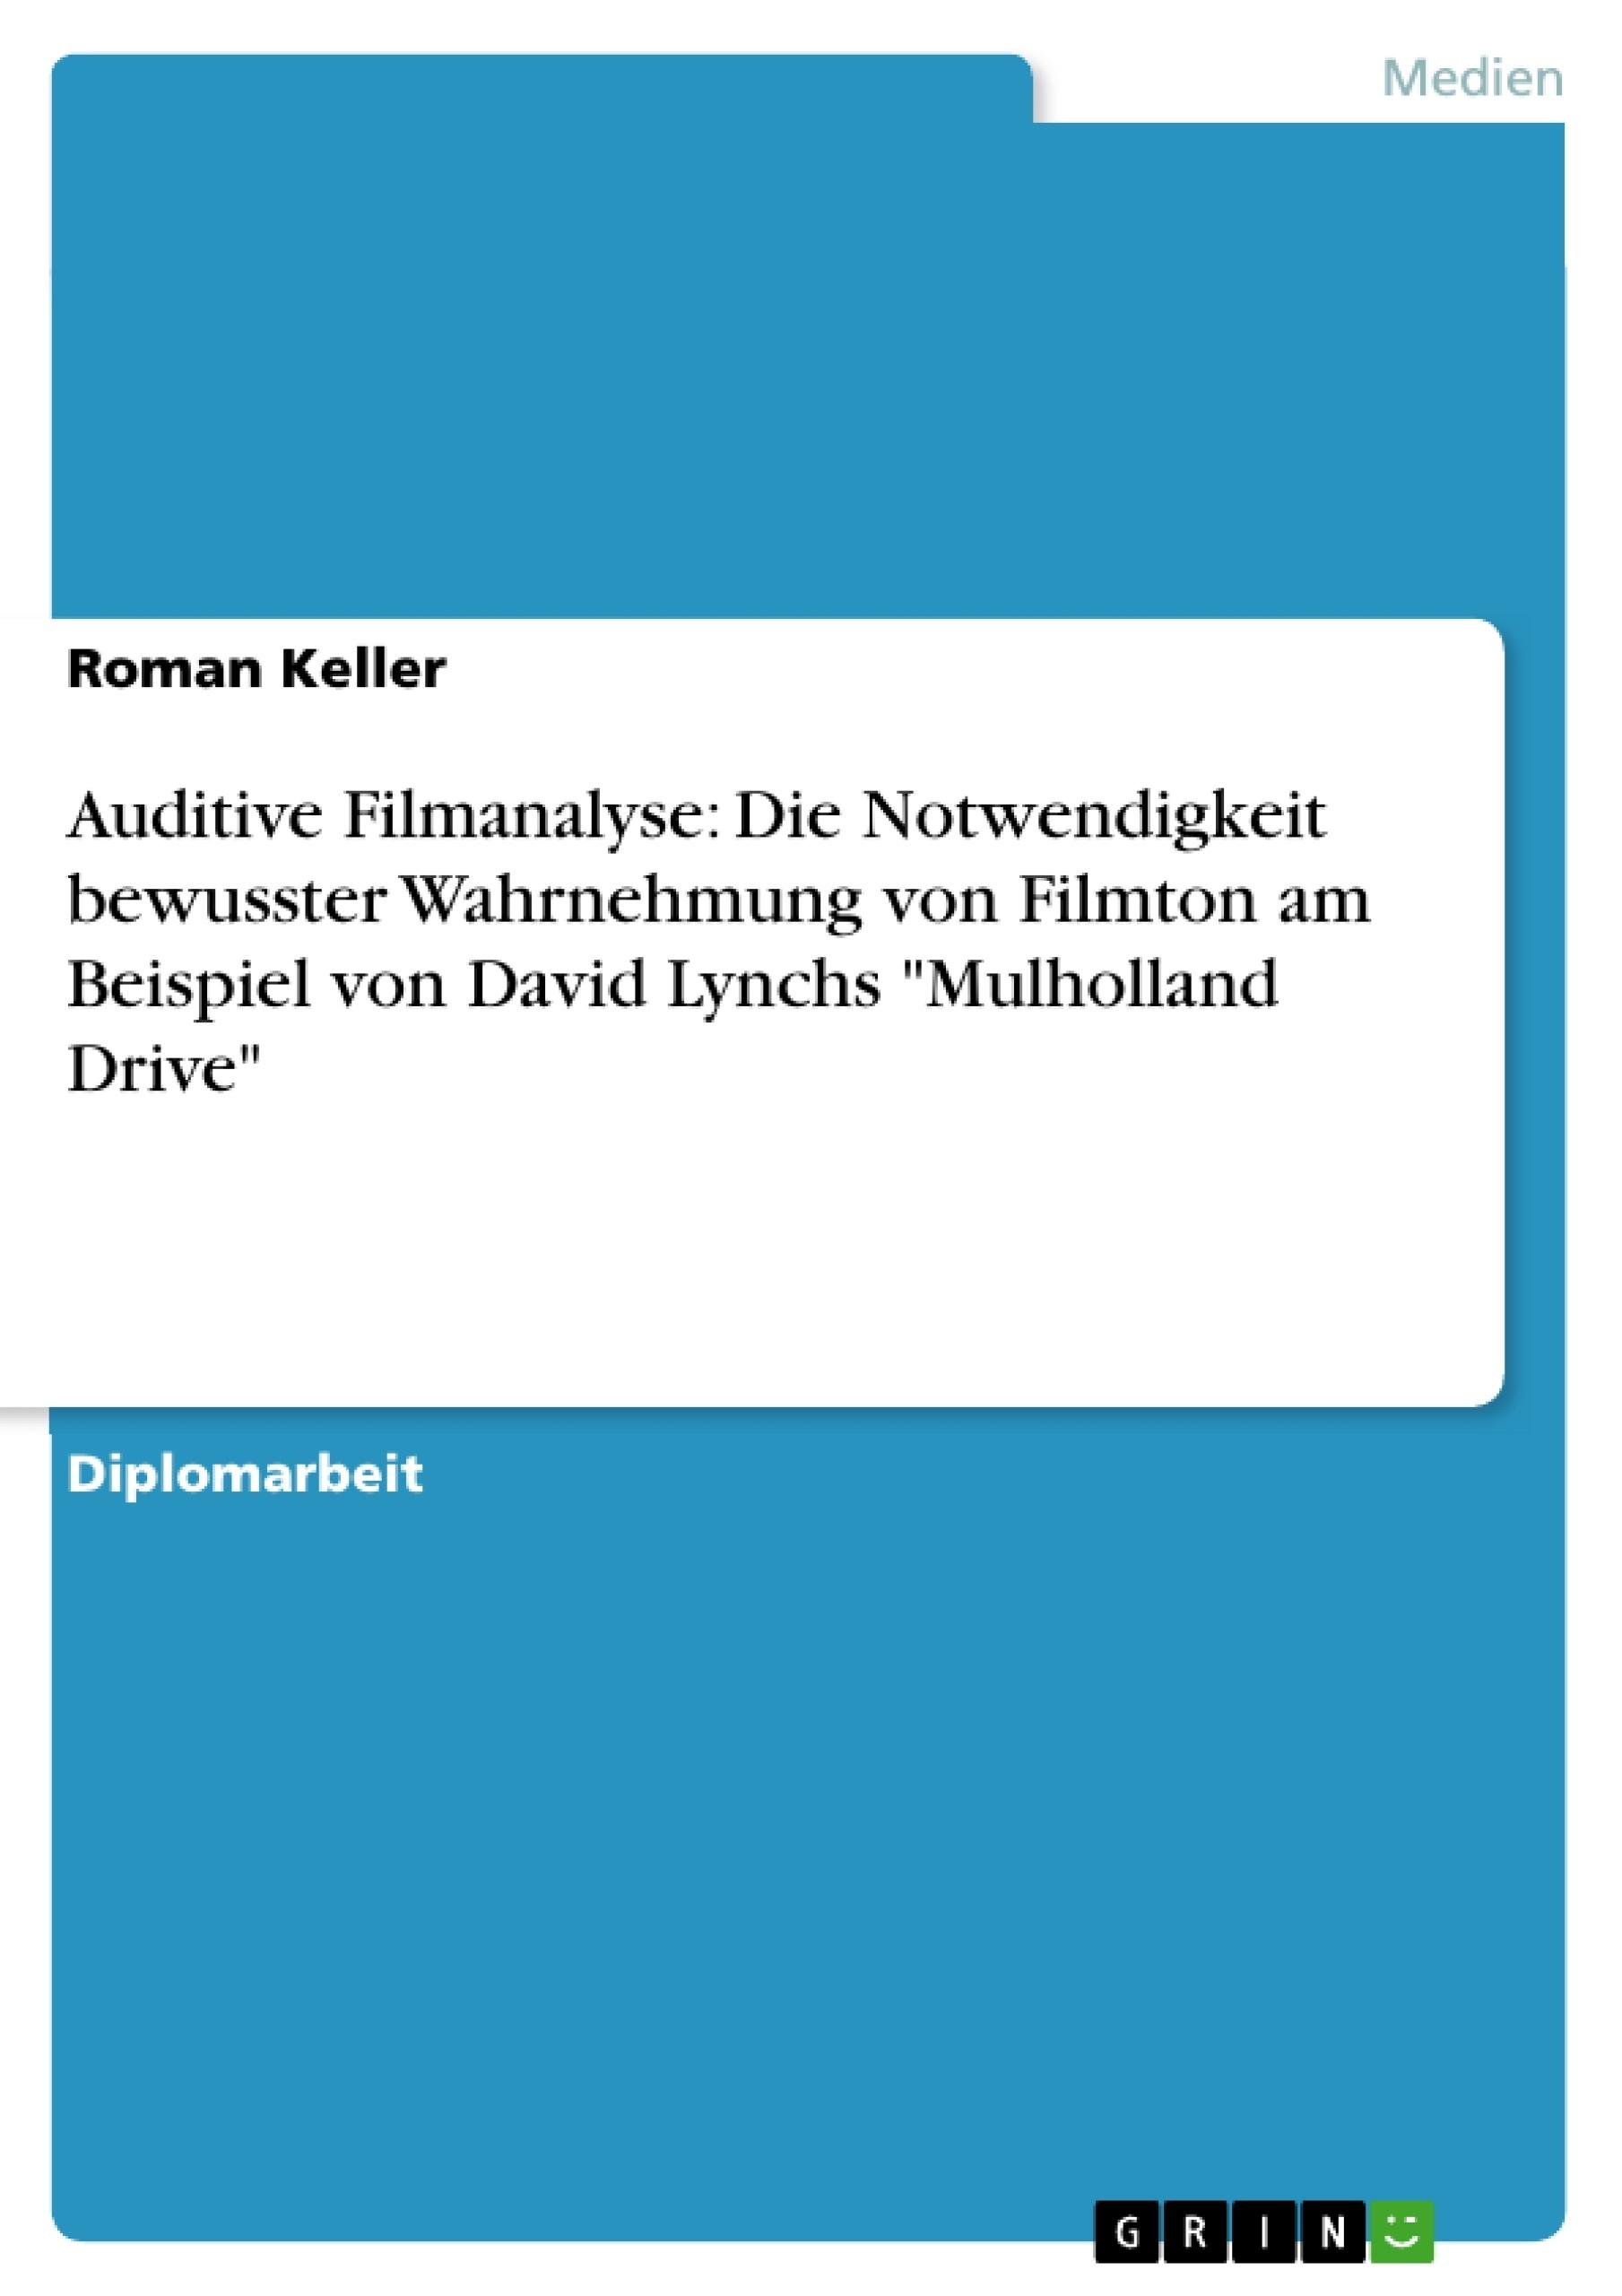 """Titel: Auditive Filmanalyse: Die Notwendigkeit bewusster Wahrnehmung von Filmton am Beispiel von David Lynchs """"Mulholland Drive"""""""